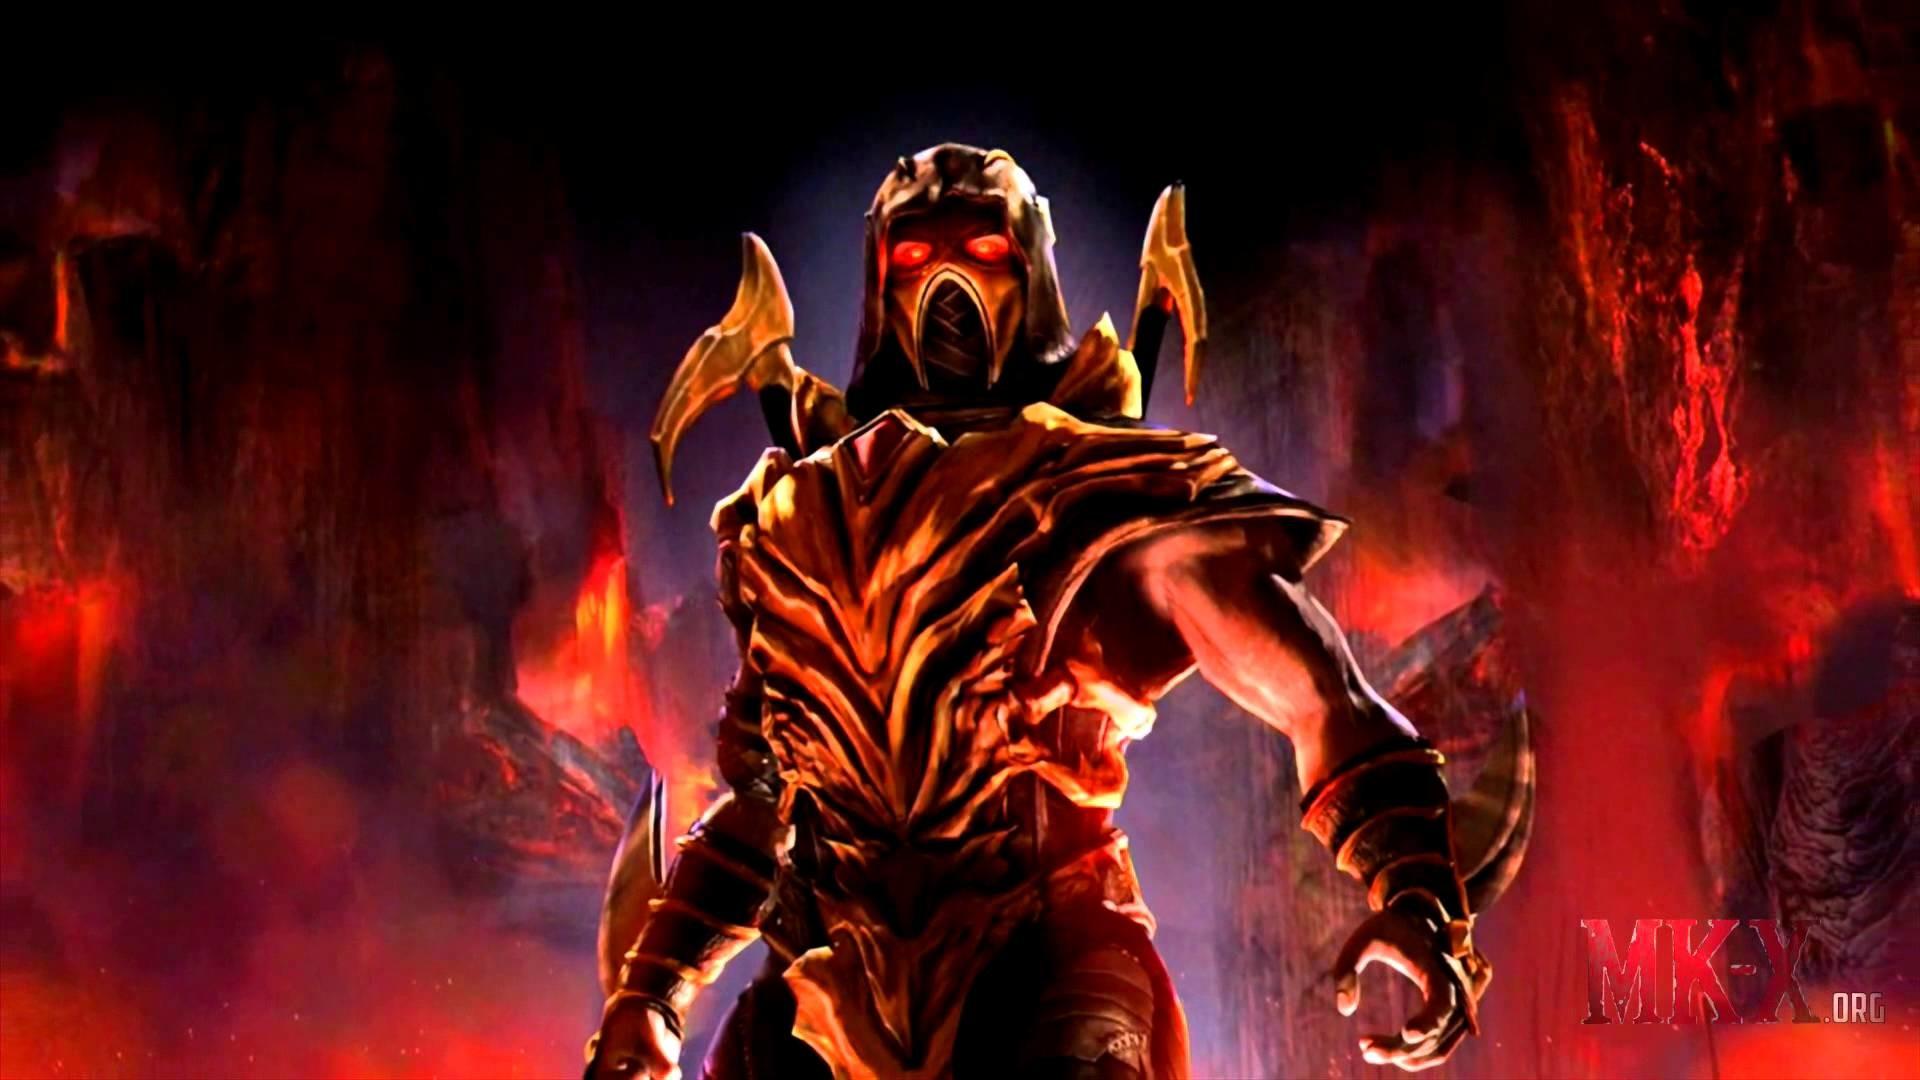 Hd Scorpion Mortal Kombat 1280x720 Download Hd Wallpaper